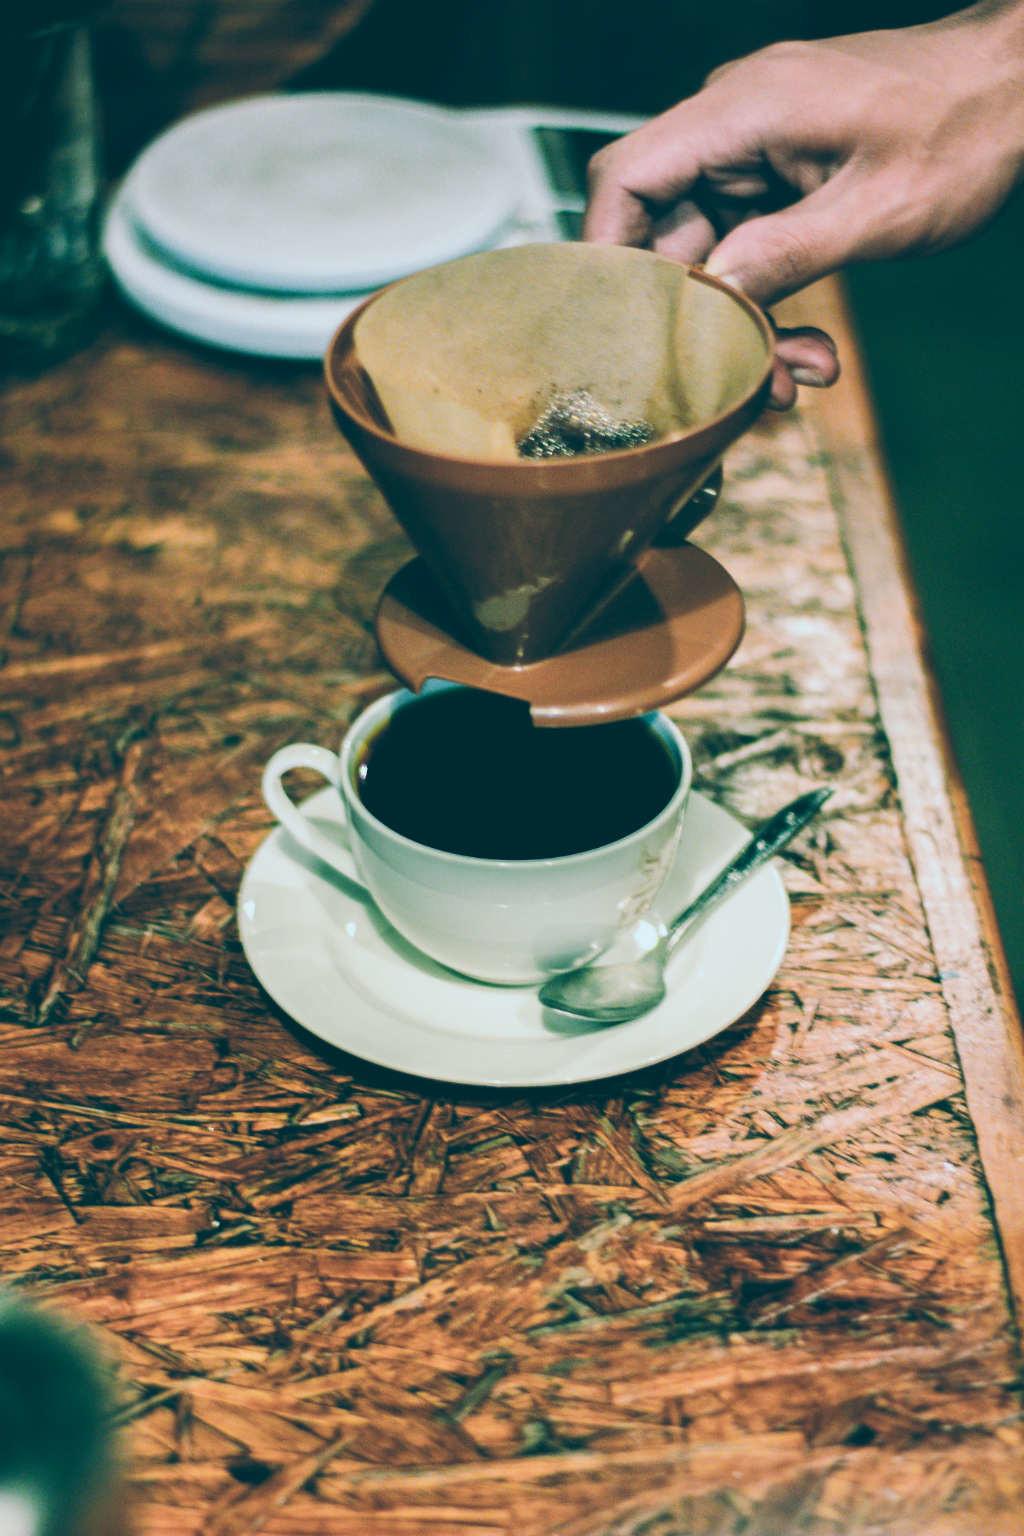 cafés raros y dónde probarlos